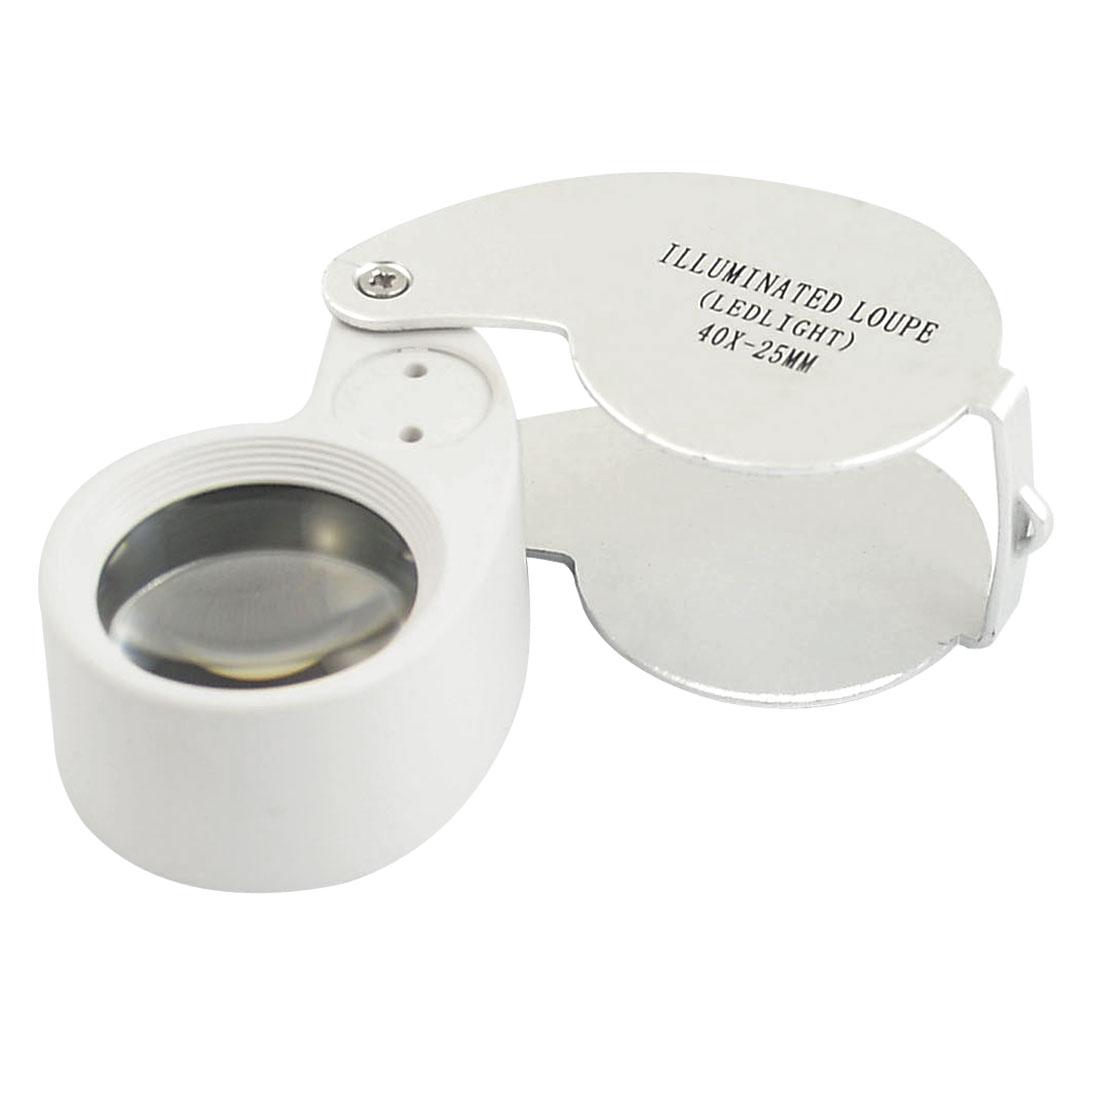 Pocket LED Light Illuminated Magnifier Jewelry Eye 40X Magnifying Loupe